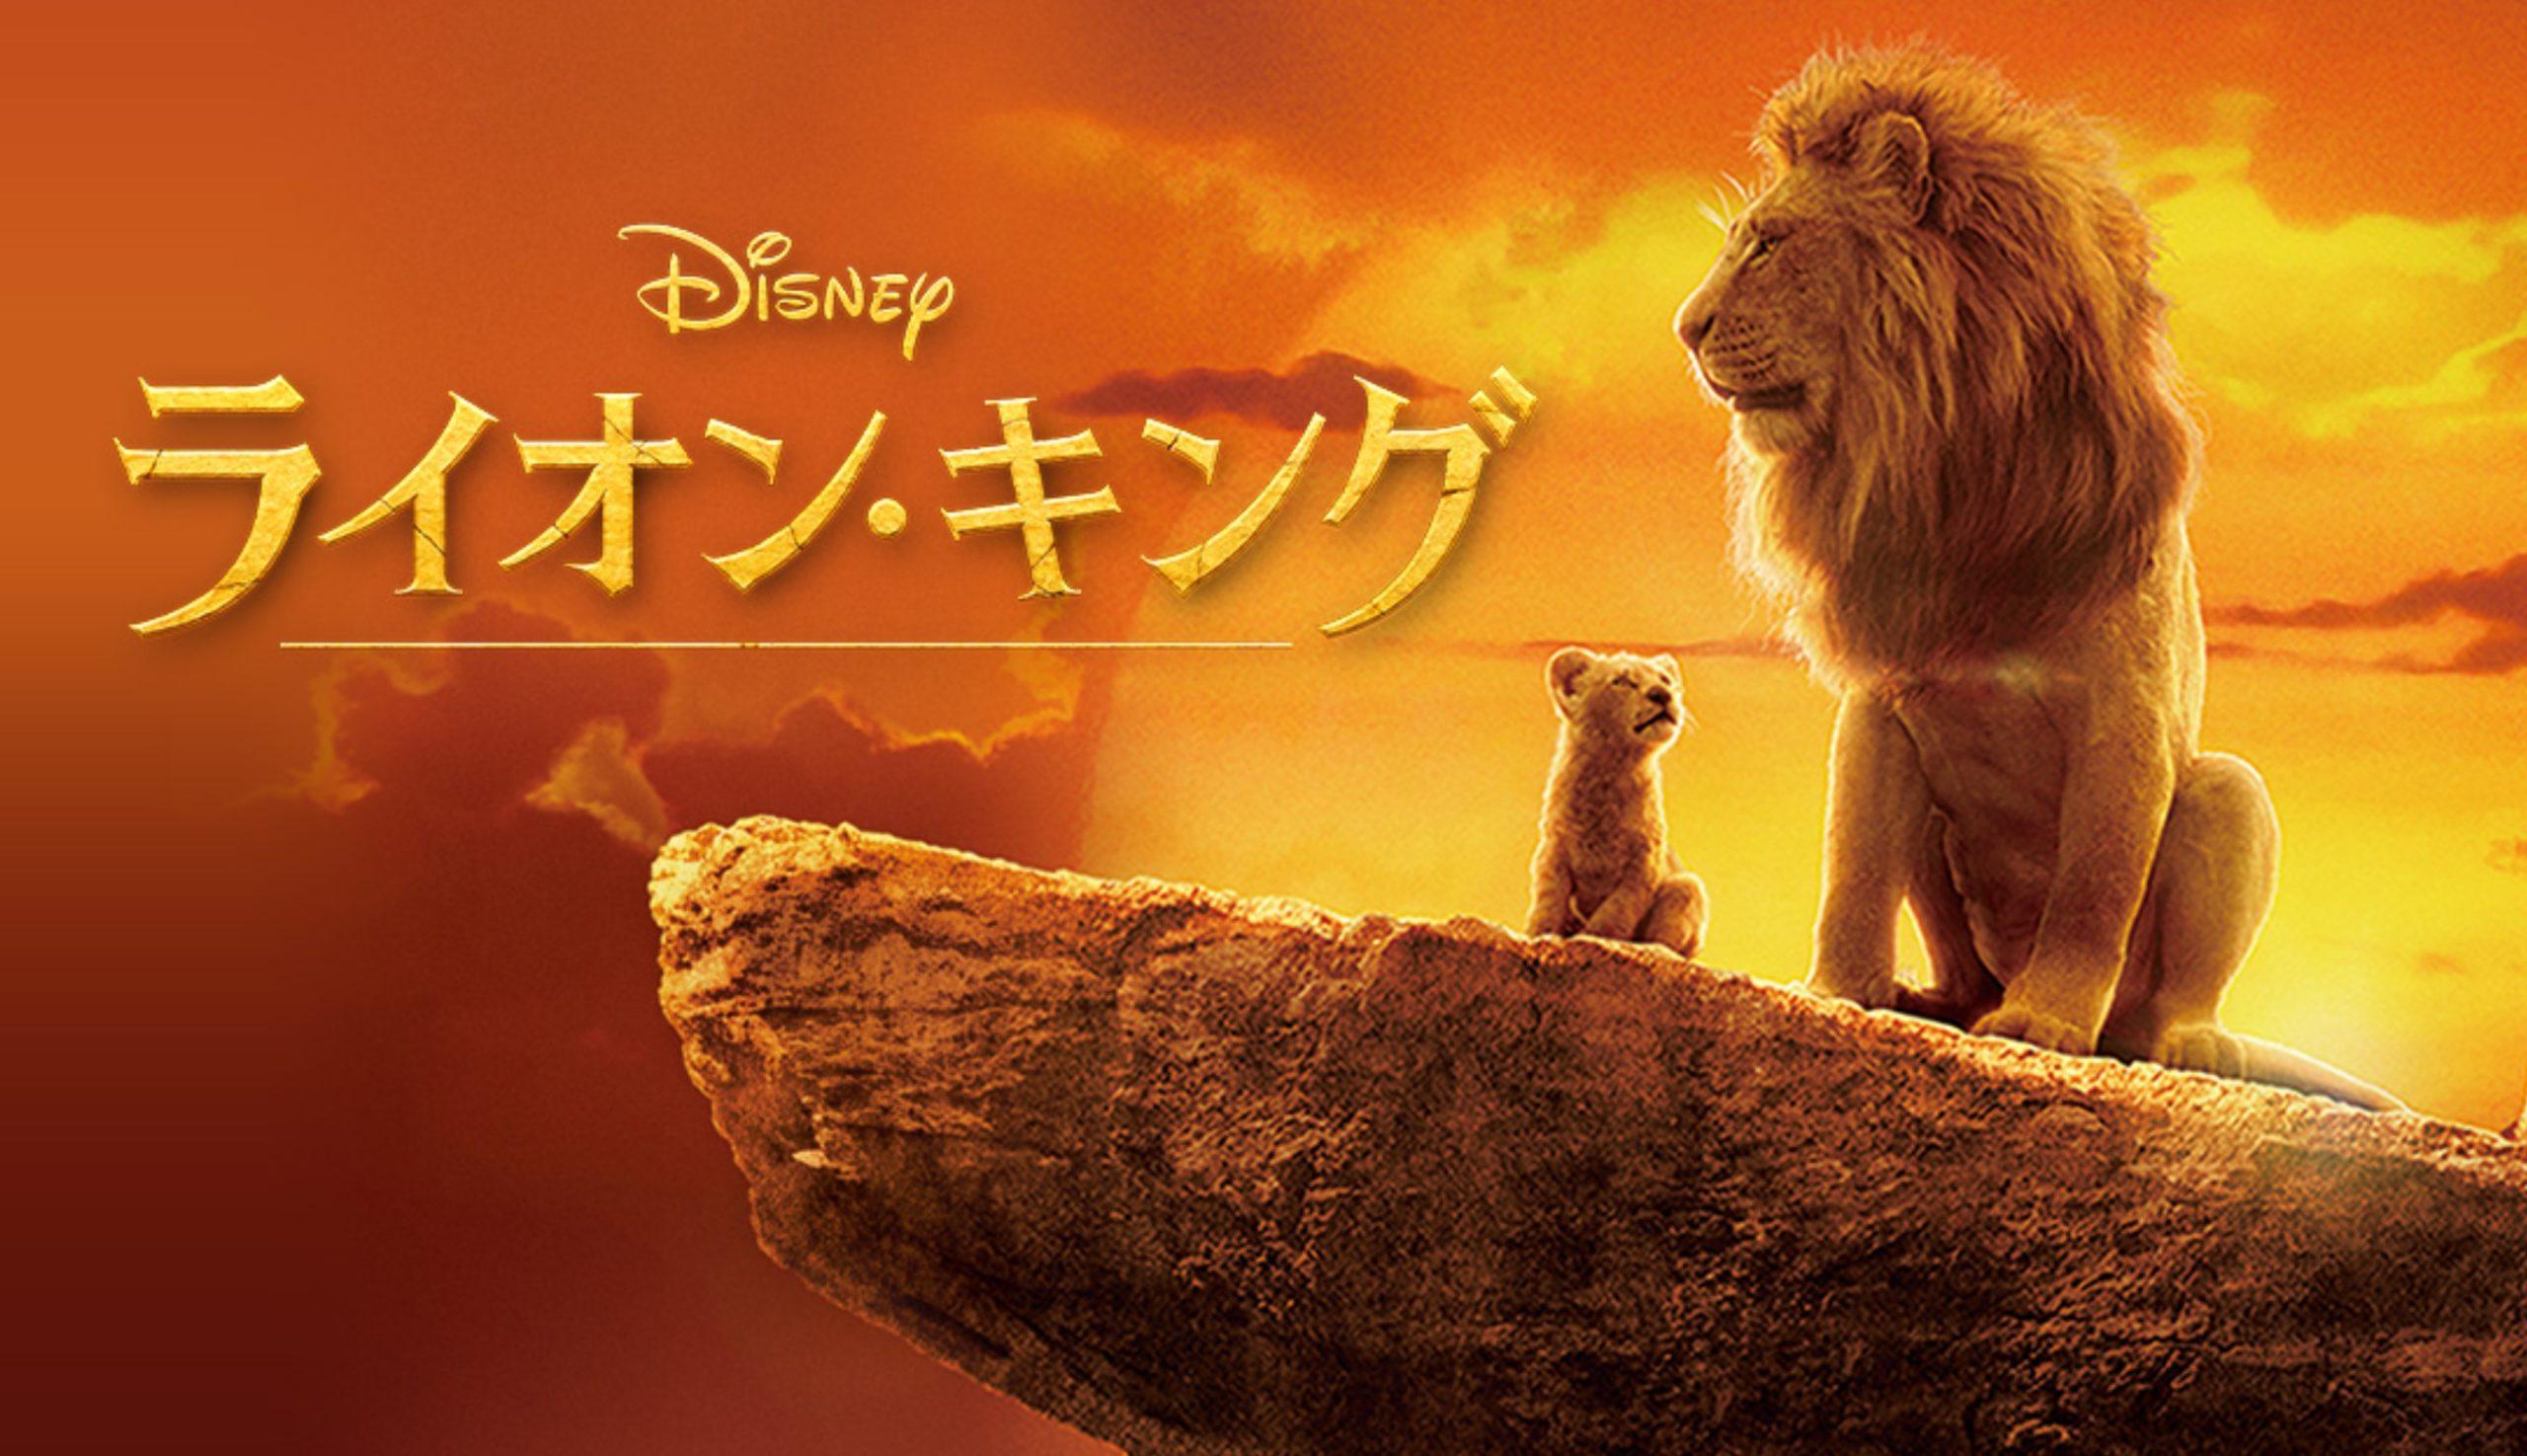 超実写ライオンキング2019の吹き替え動画フルを無料視聴する方法!DailymotionやPandoraでは見れない?